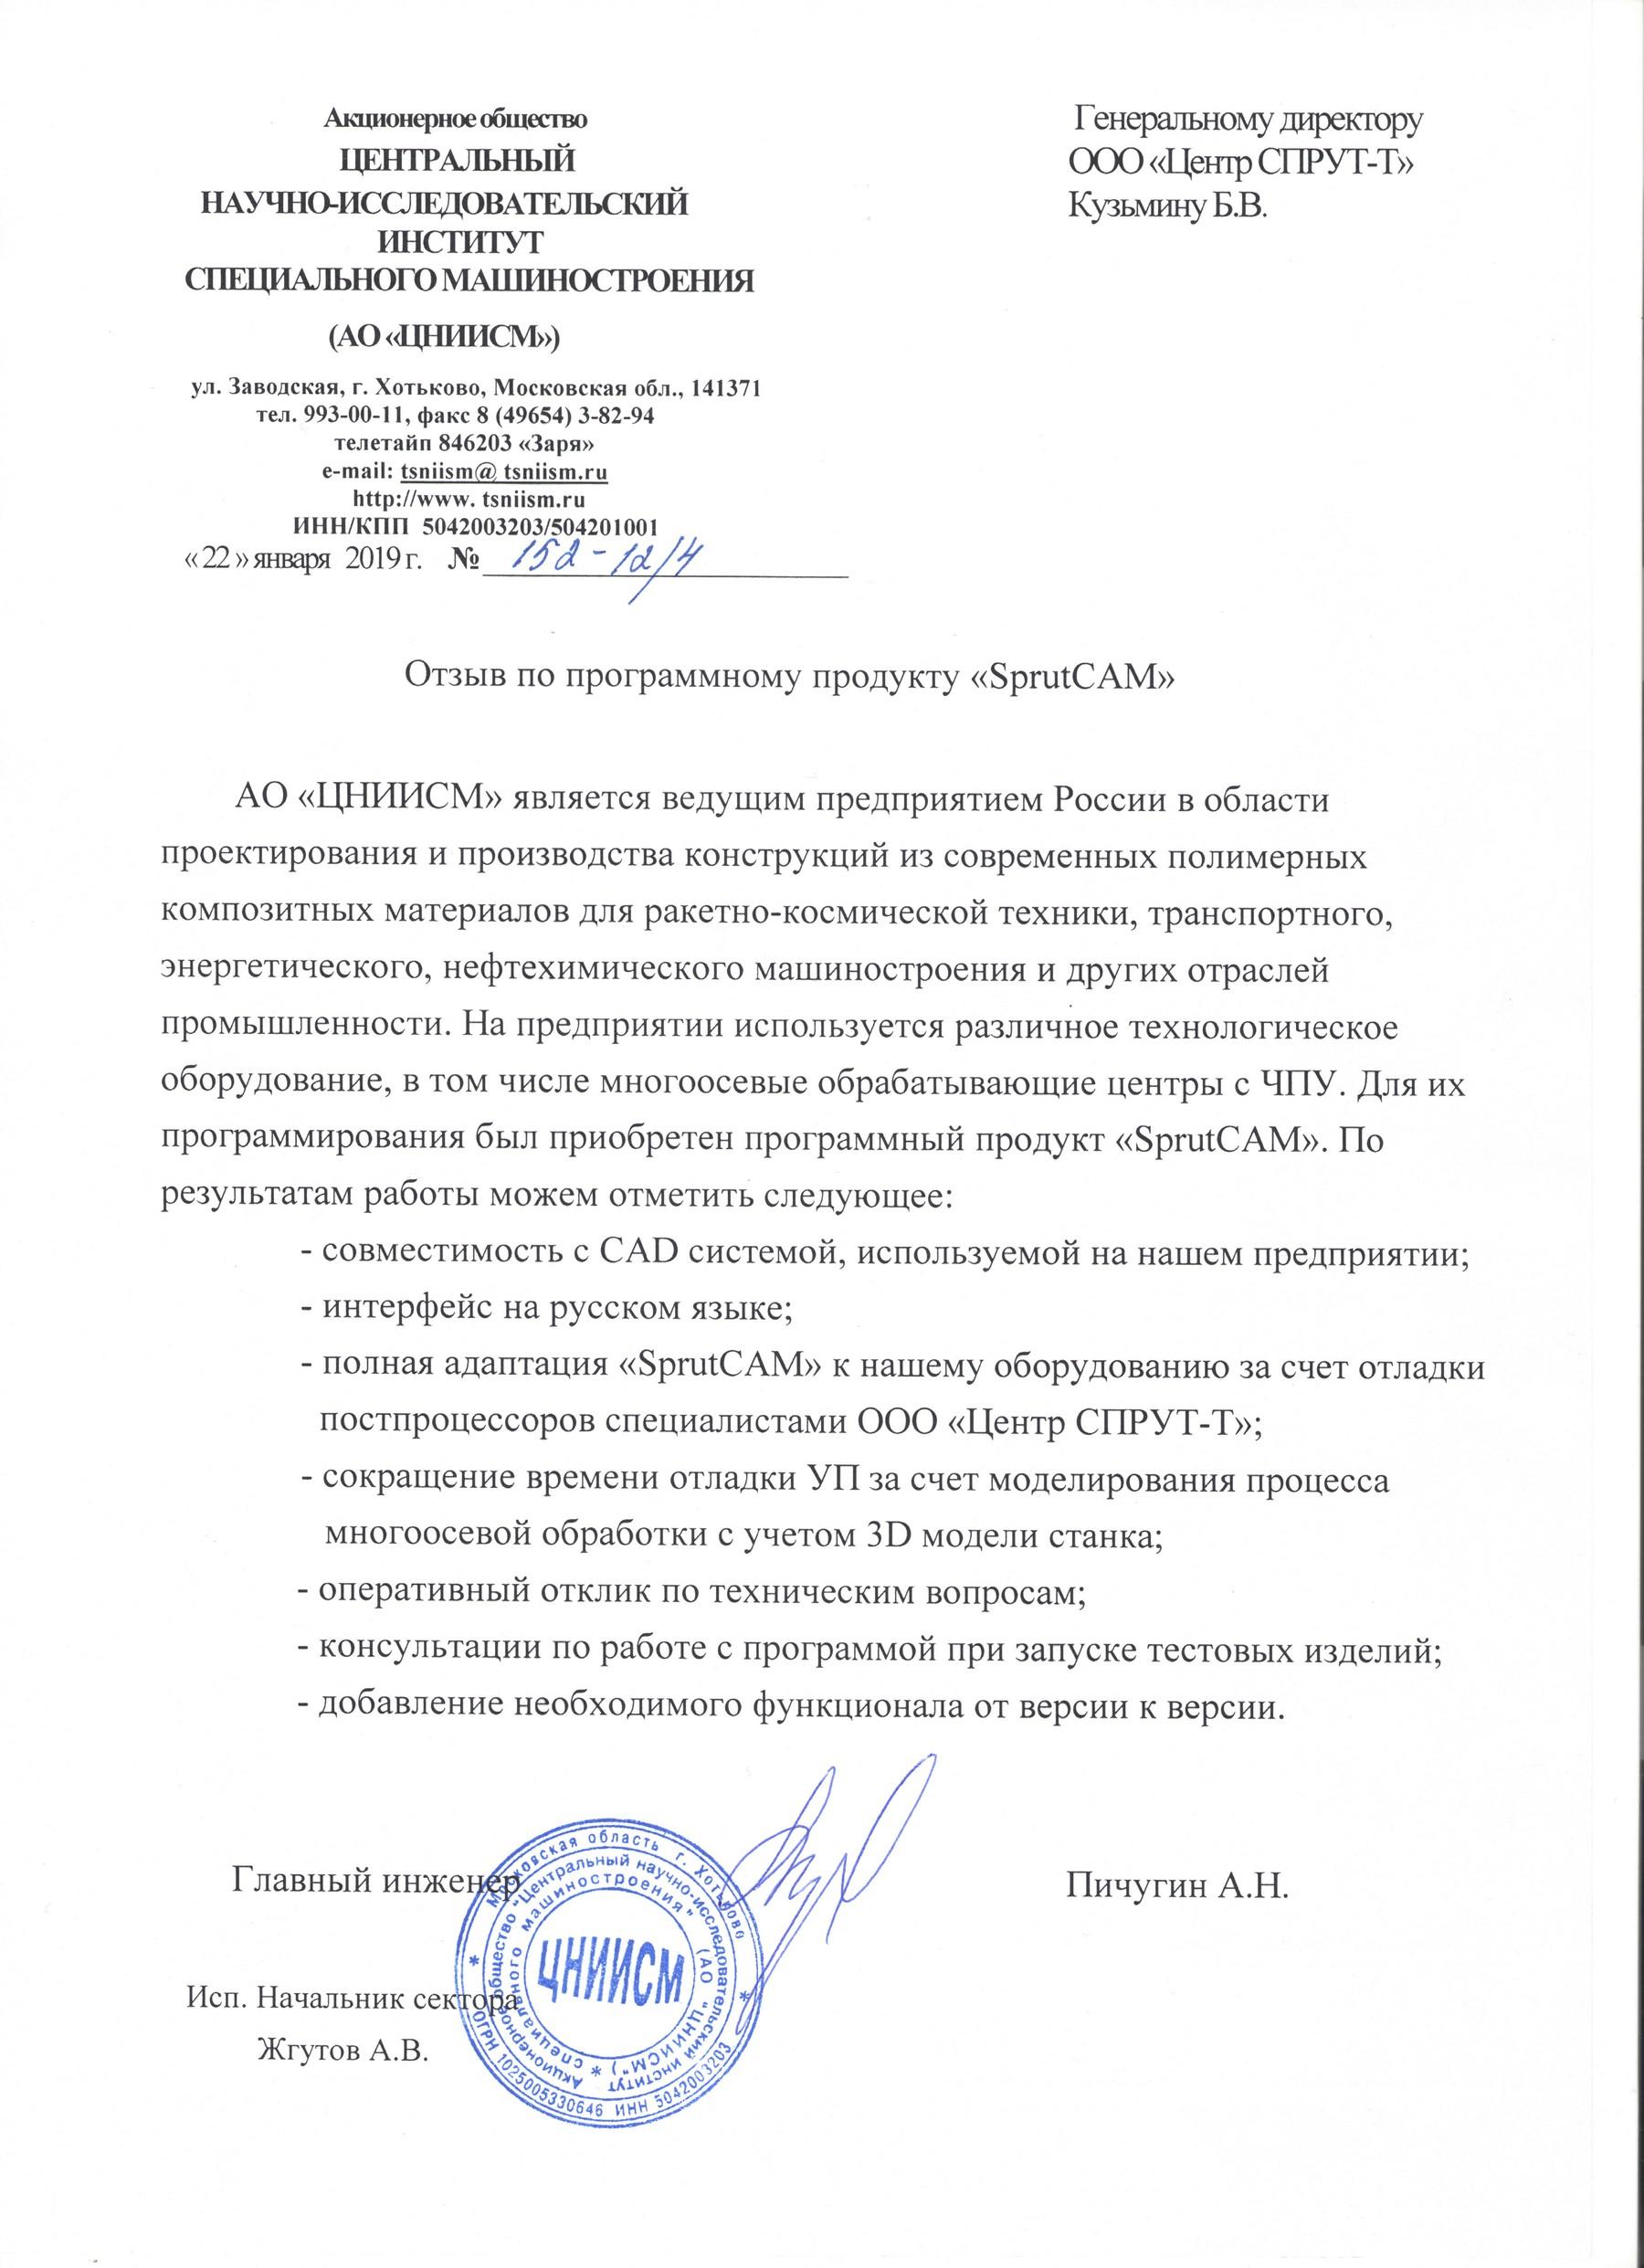 ЦНИИСМ отзыв SprutCAM Центр СПРУТ